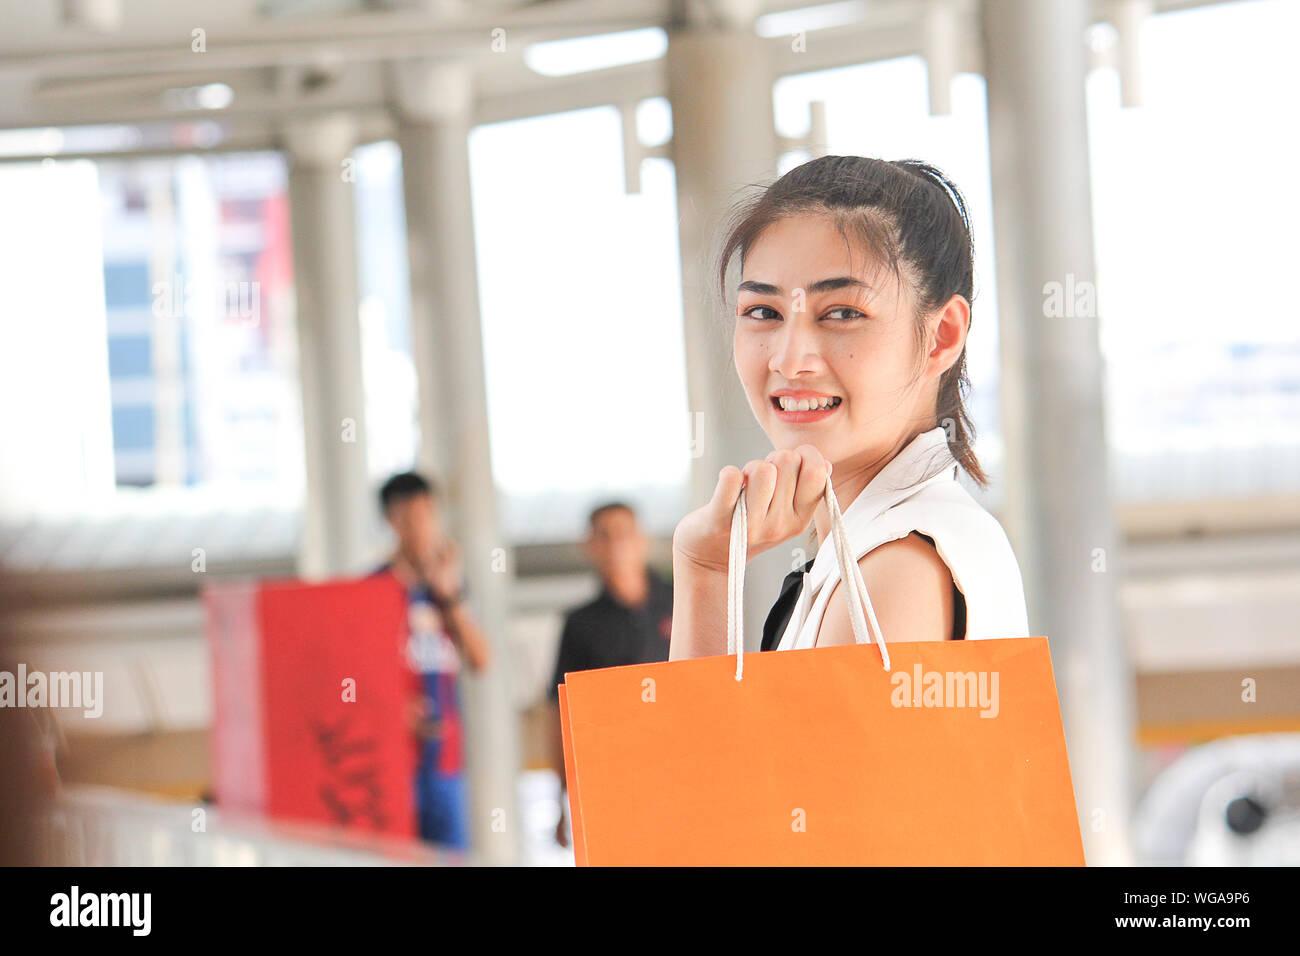 Vista laterale Ritratto di sorridente giovane donna azienda borse per lo Shopping nel ponte di coperta Foto Stock